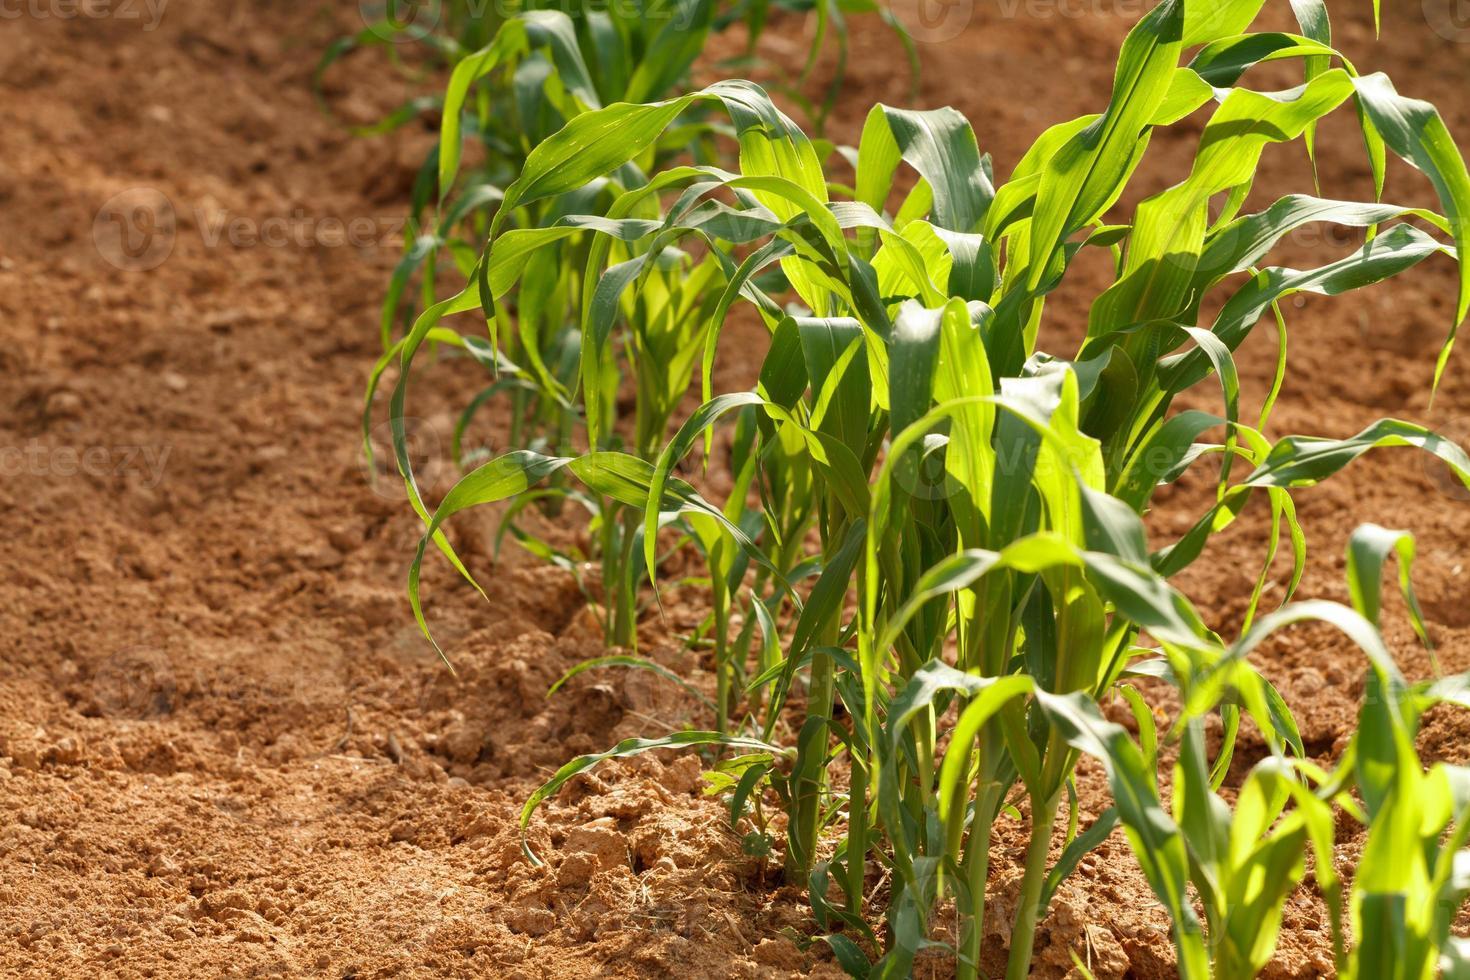 enkele rij van jonge maïs planten in een tuin van het land foto